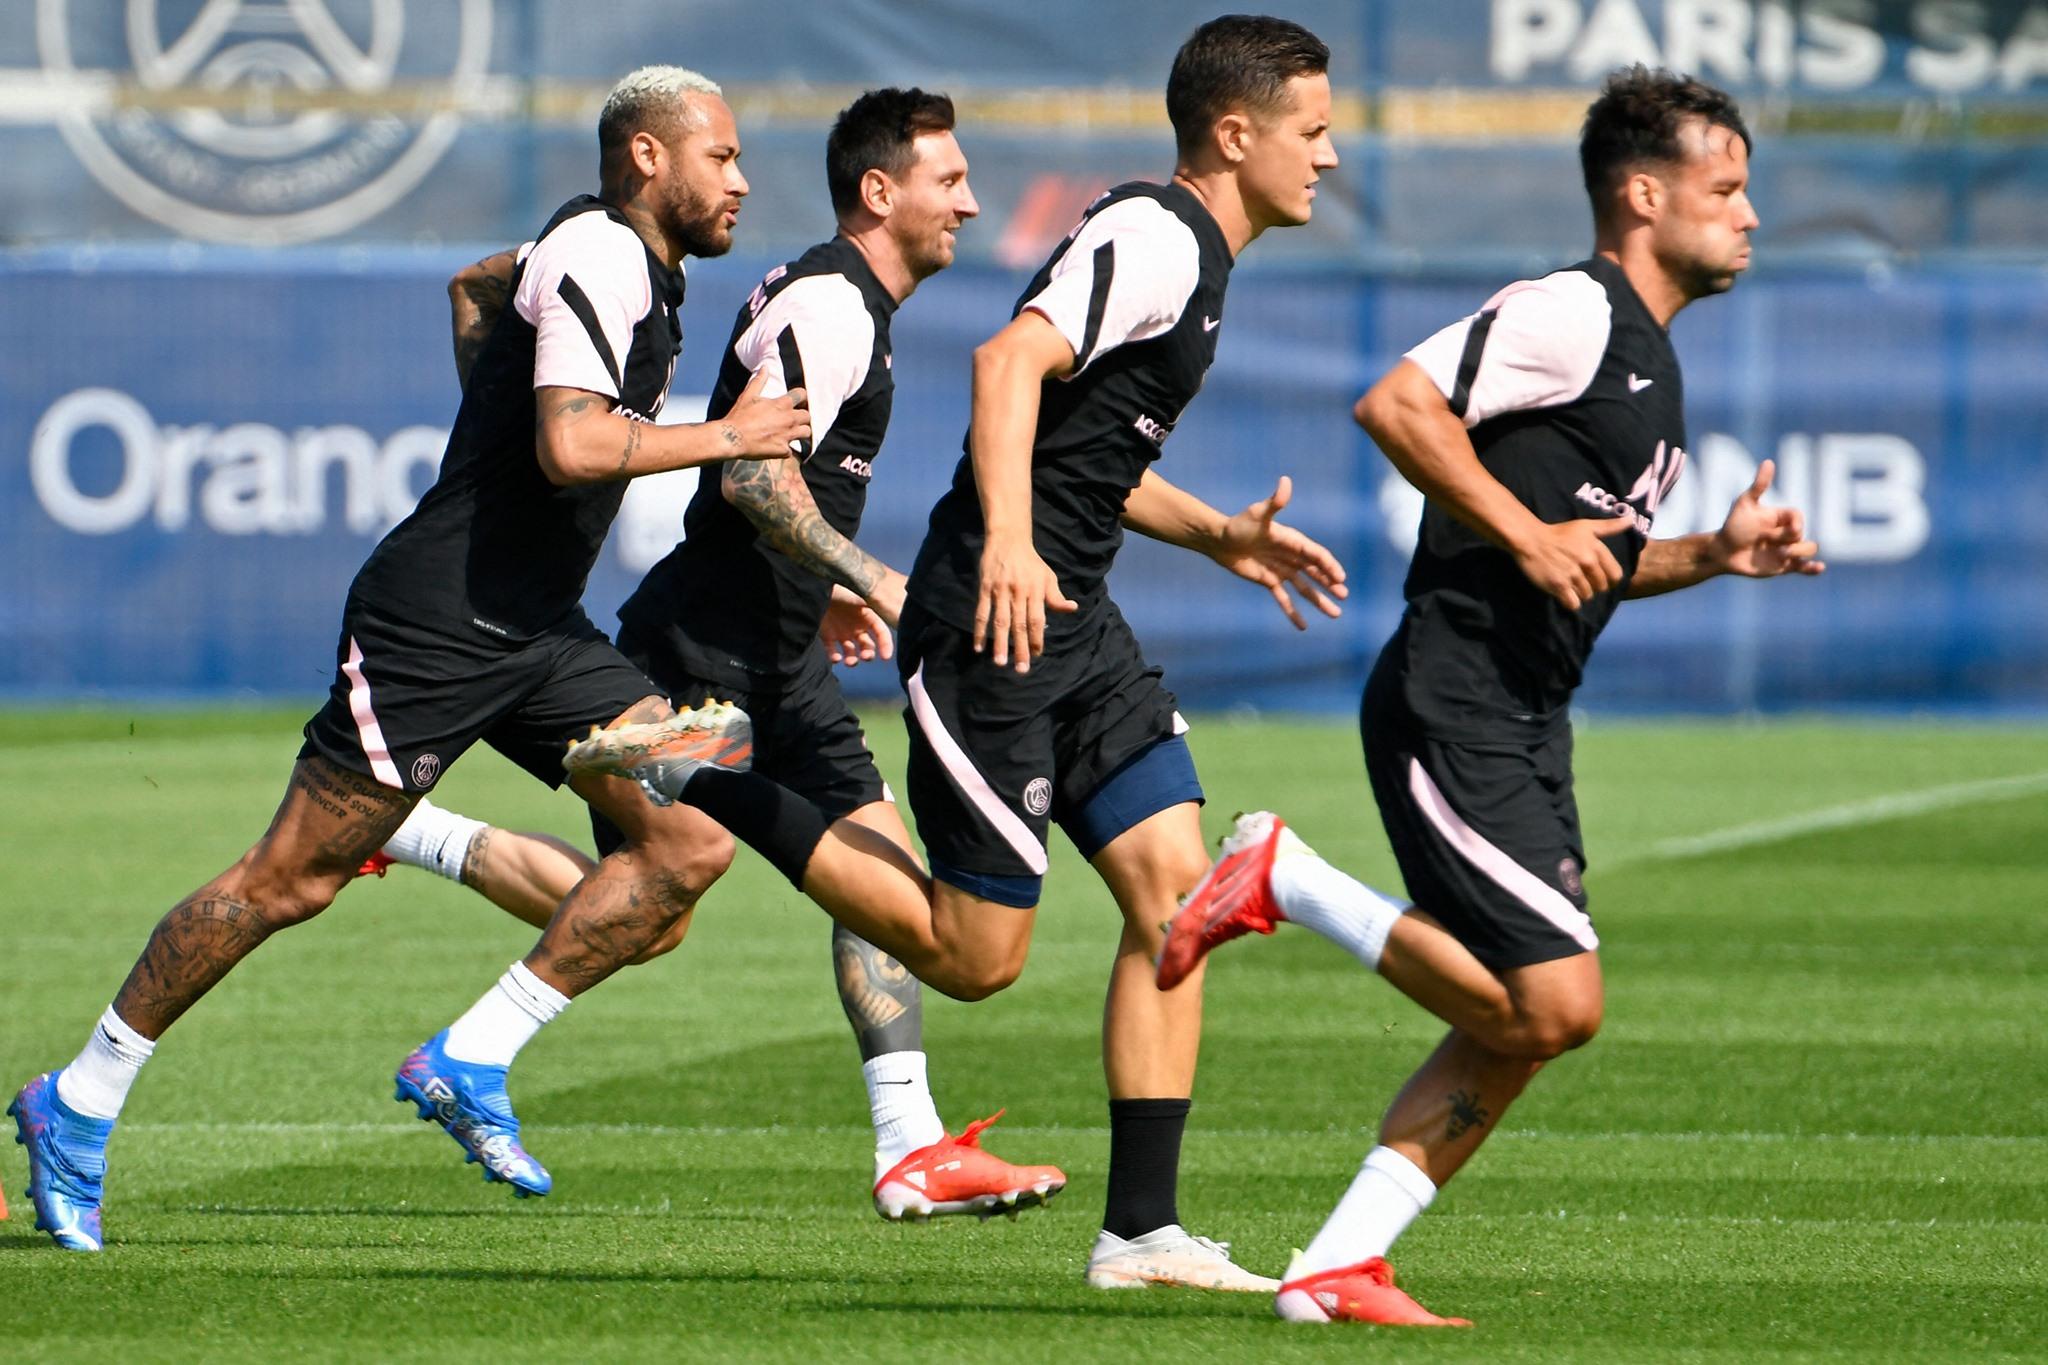 Người hâm mộ tiếp tục chờ đợi trận ra mắt của Messi trong màu áo PSG